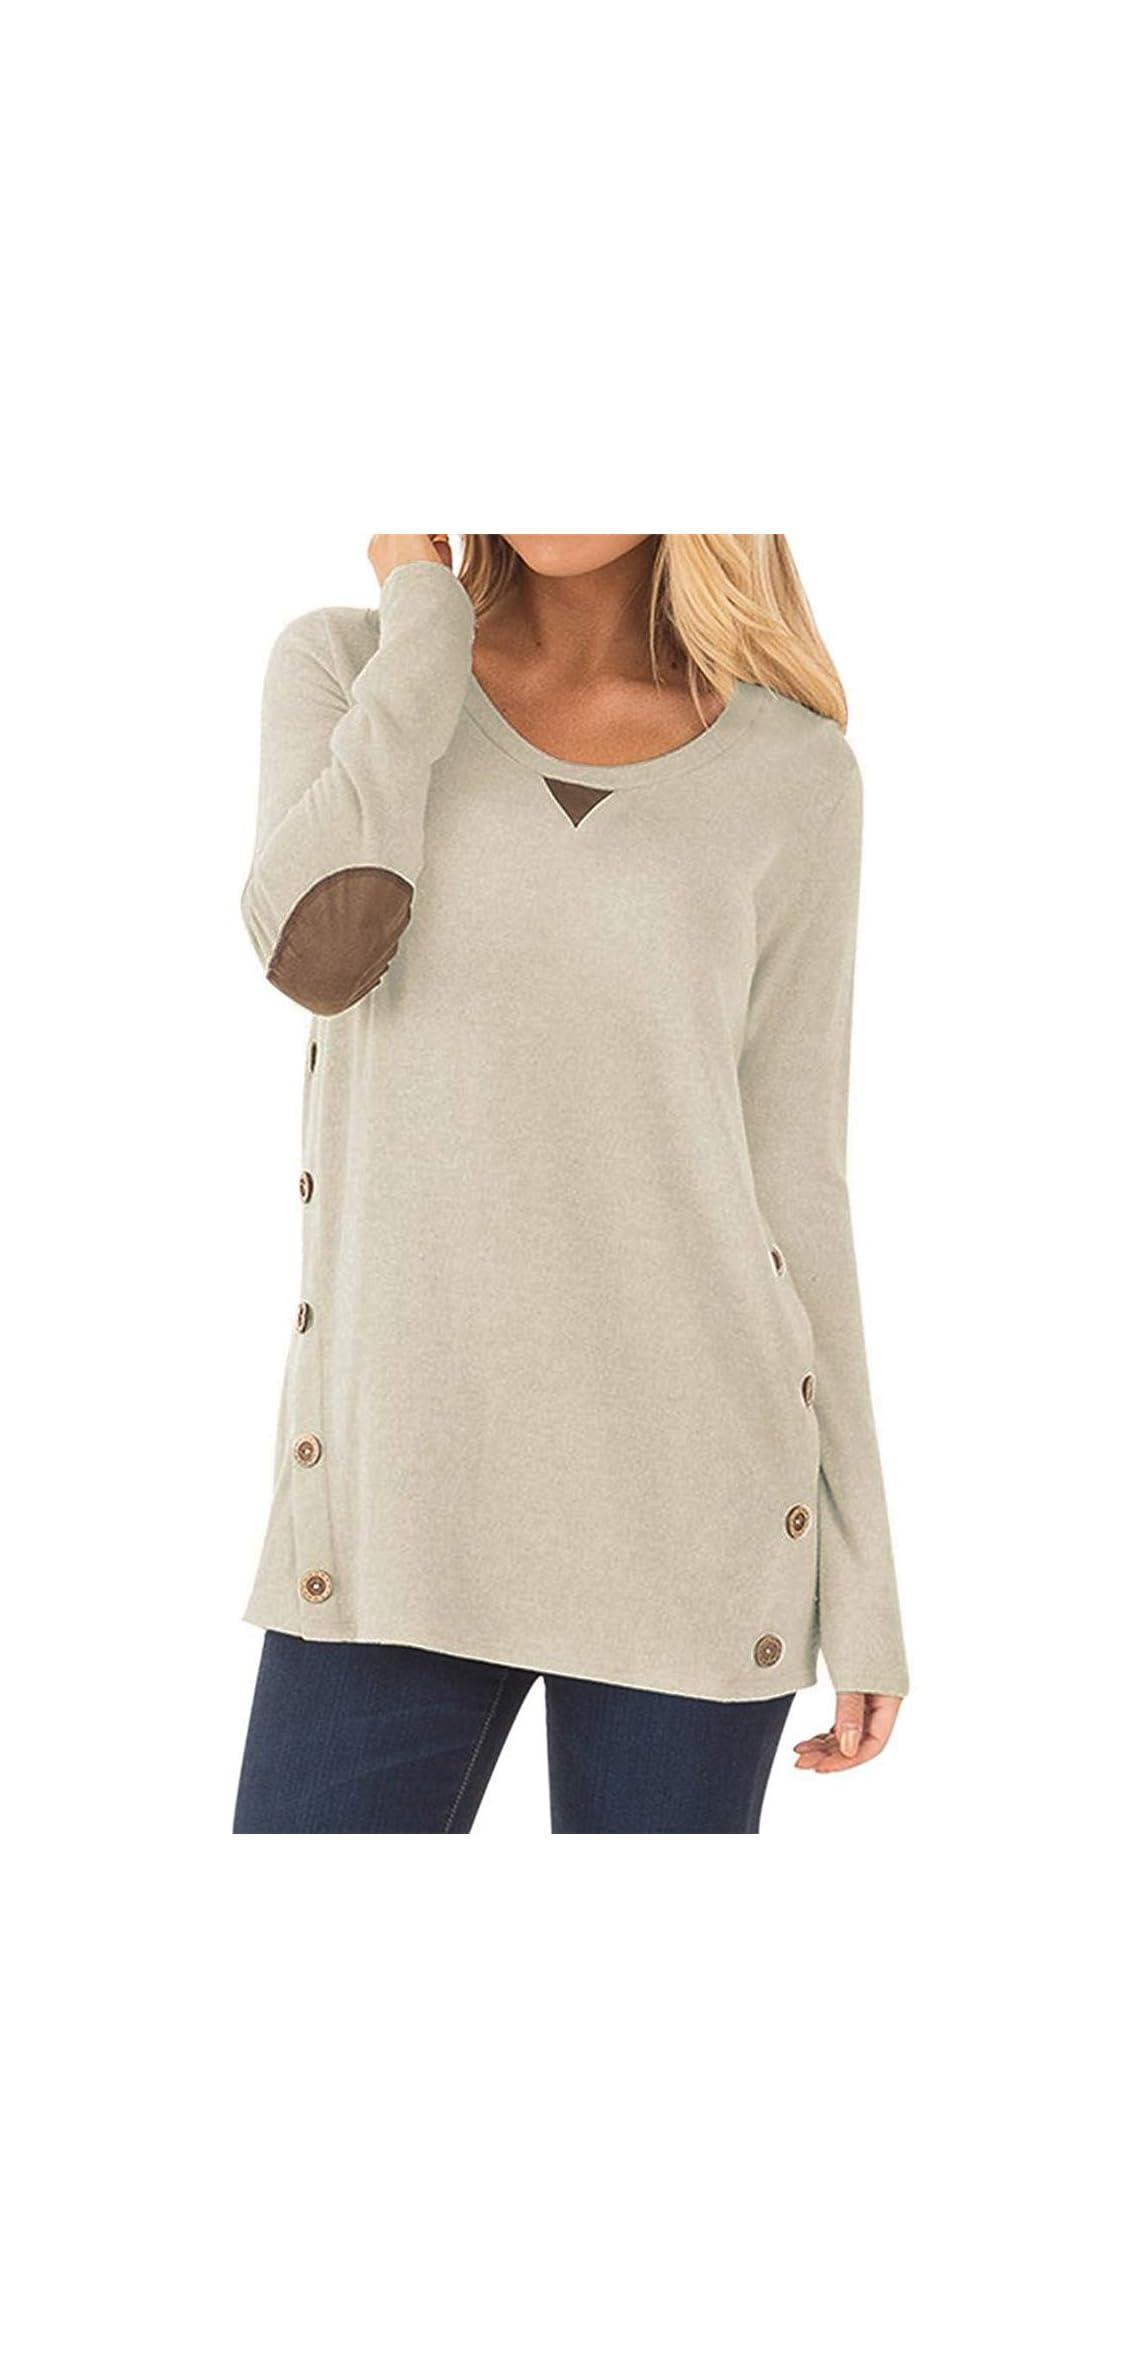 Women's Long Sleeve Faux Suede Casual Blouse Tunic Shirt